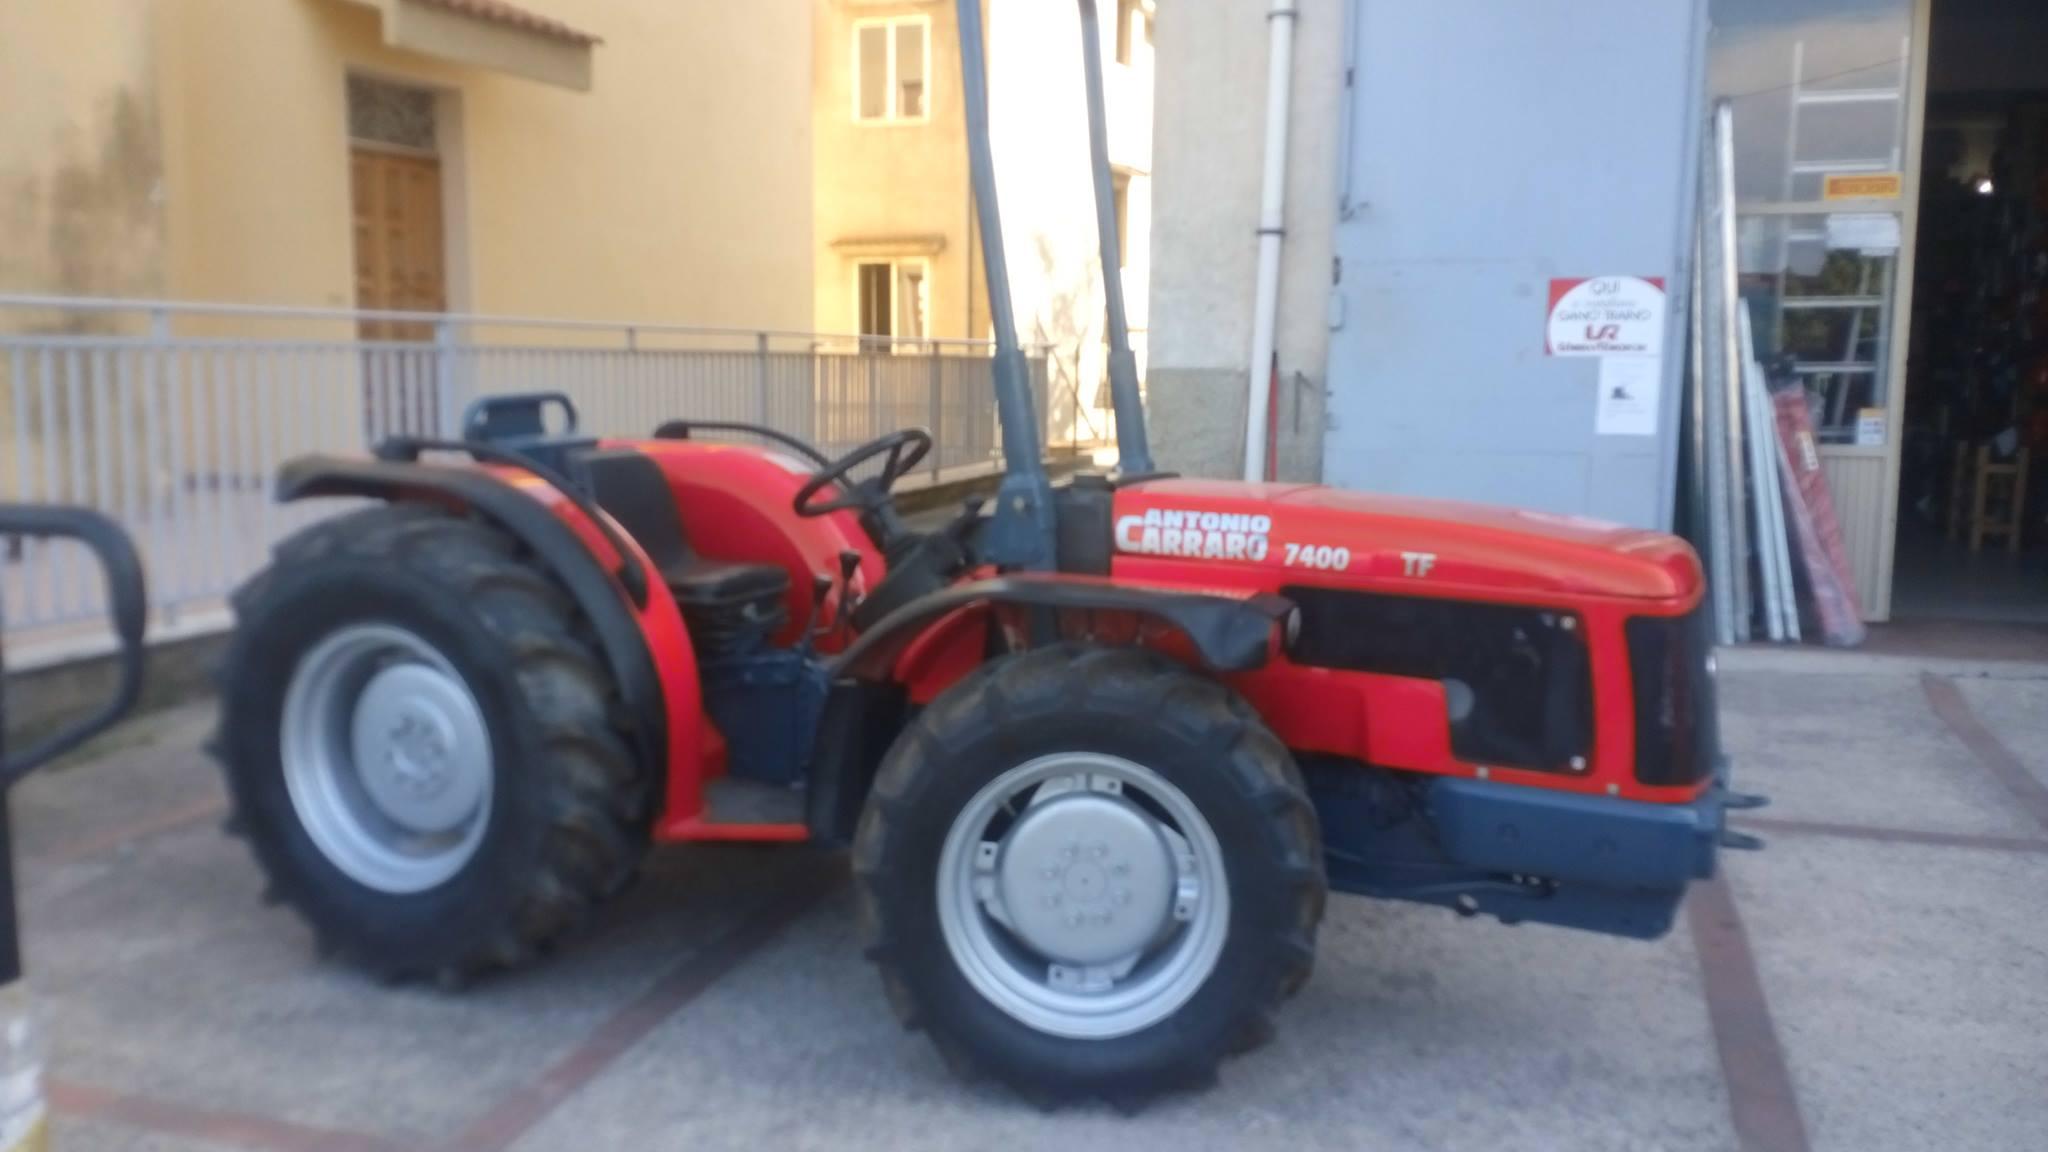 Vendita offerta trattori trattore usato antonio carraro for Romana diesel trattori usati